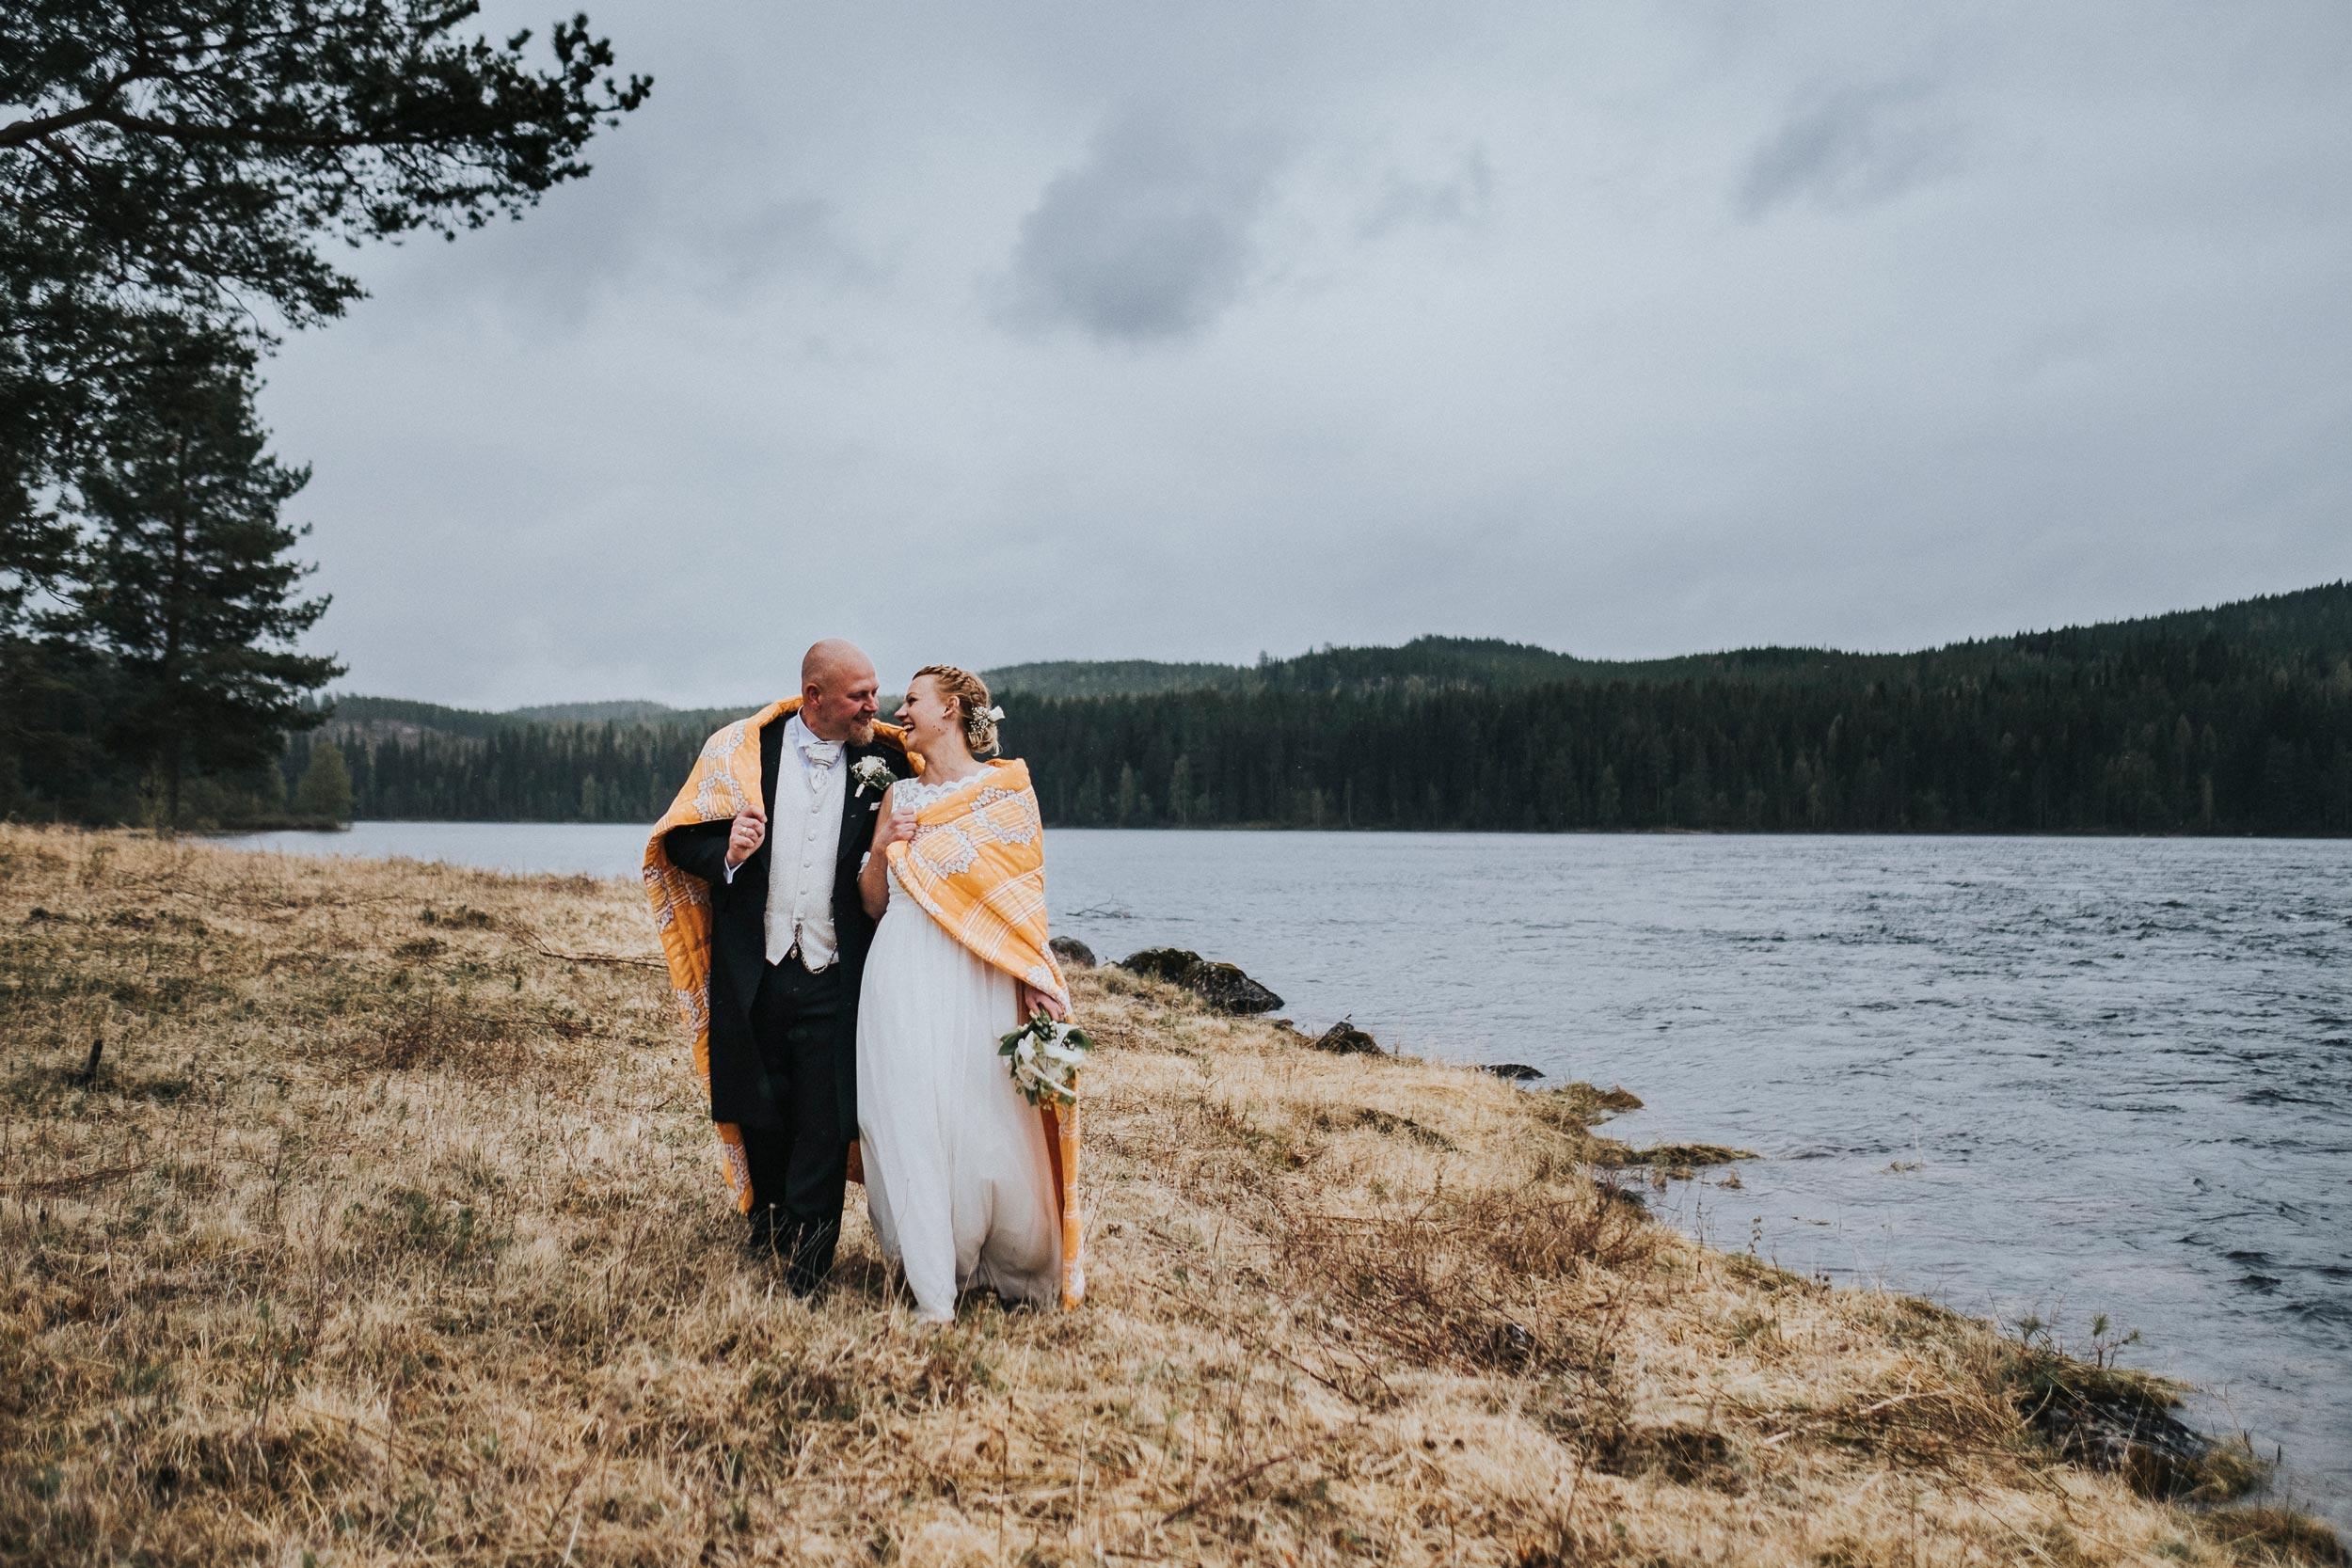 FotaDig.nu-Jonas Burman-photography-fotograf-bröllopsfotograf-bröllop-wedding-umeå